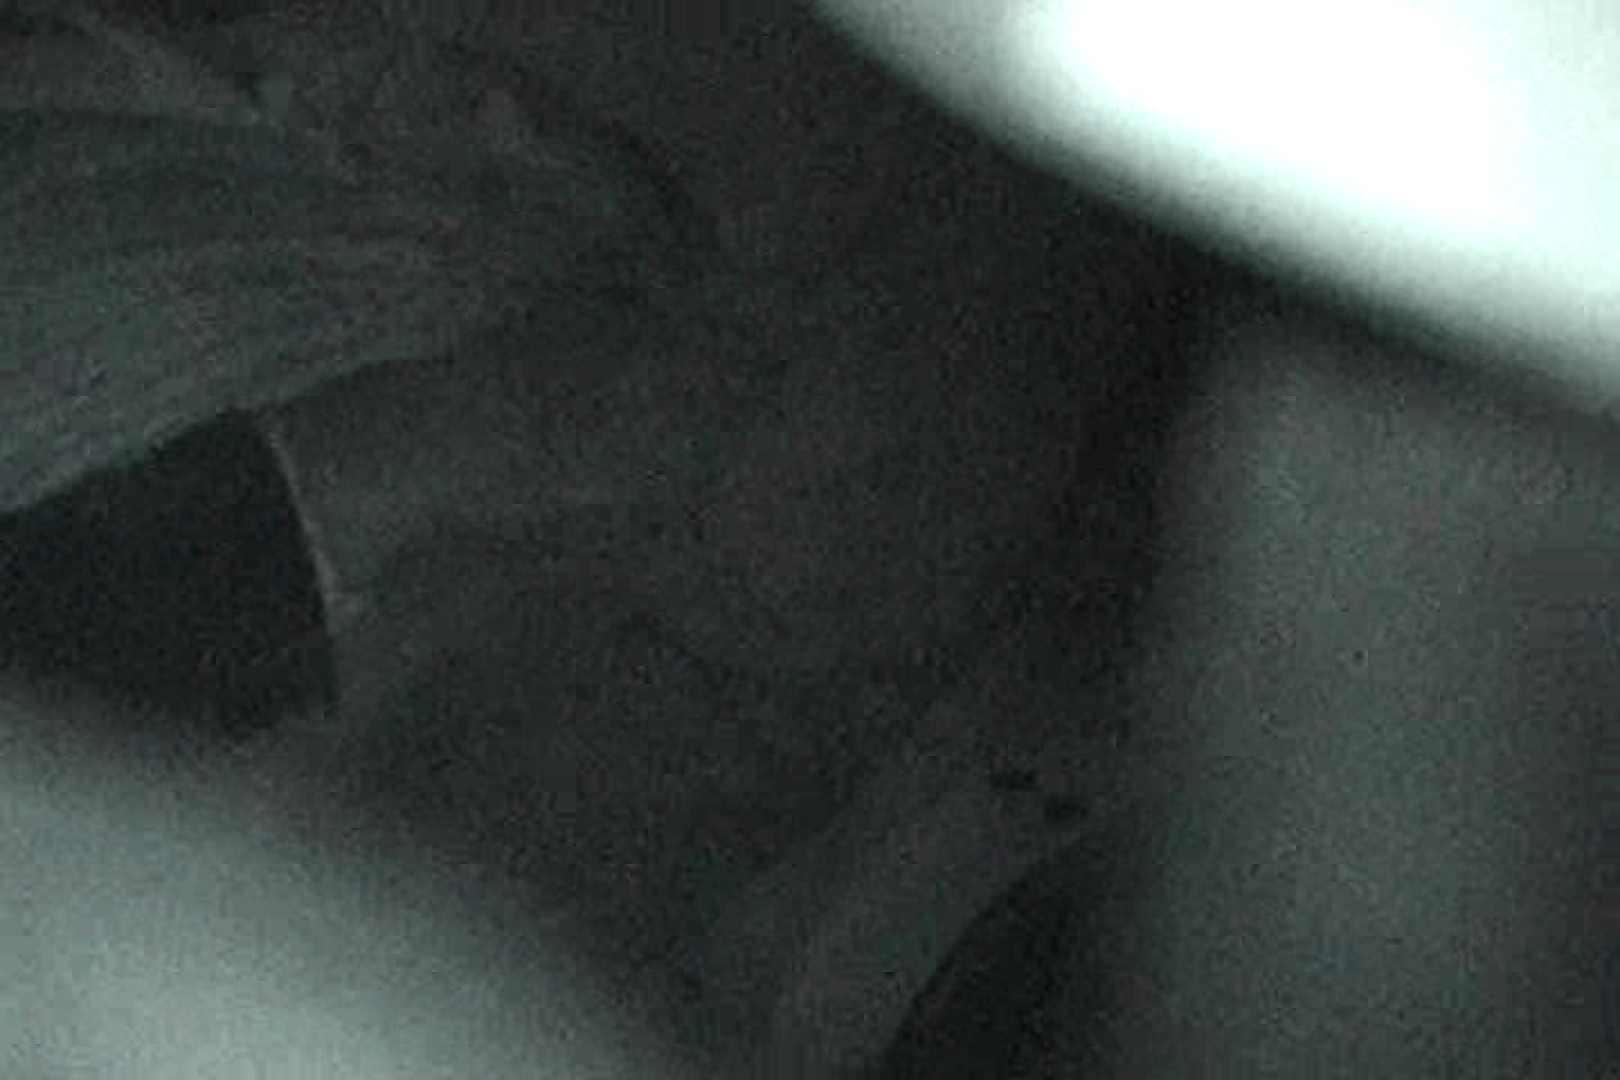 充血監督の深夜の運動会Vol.2 素人 | セックス  61pic 21